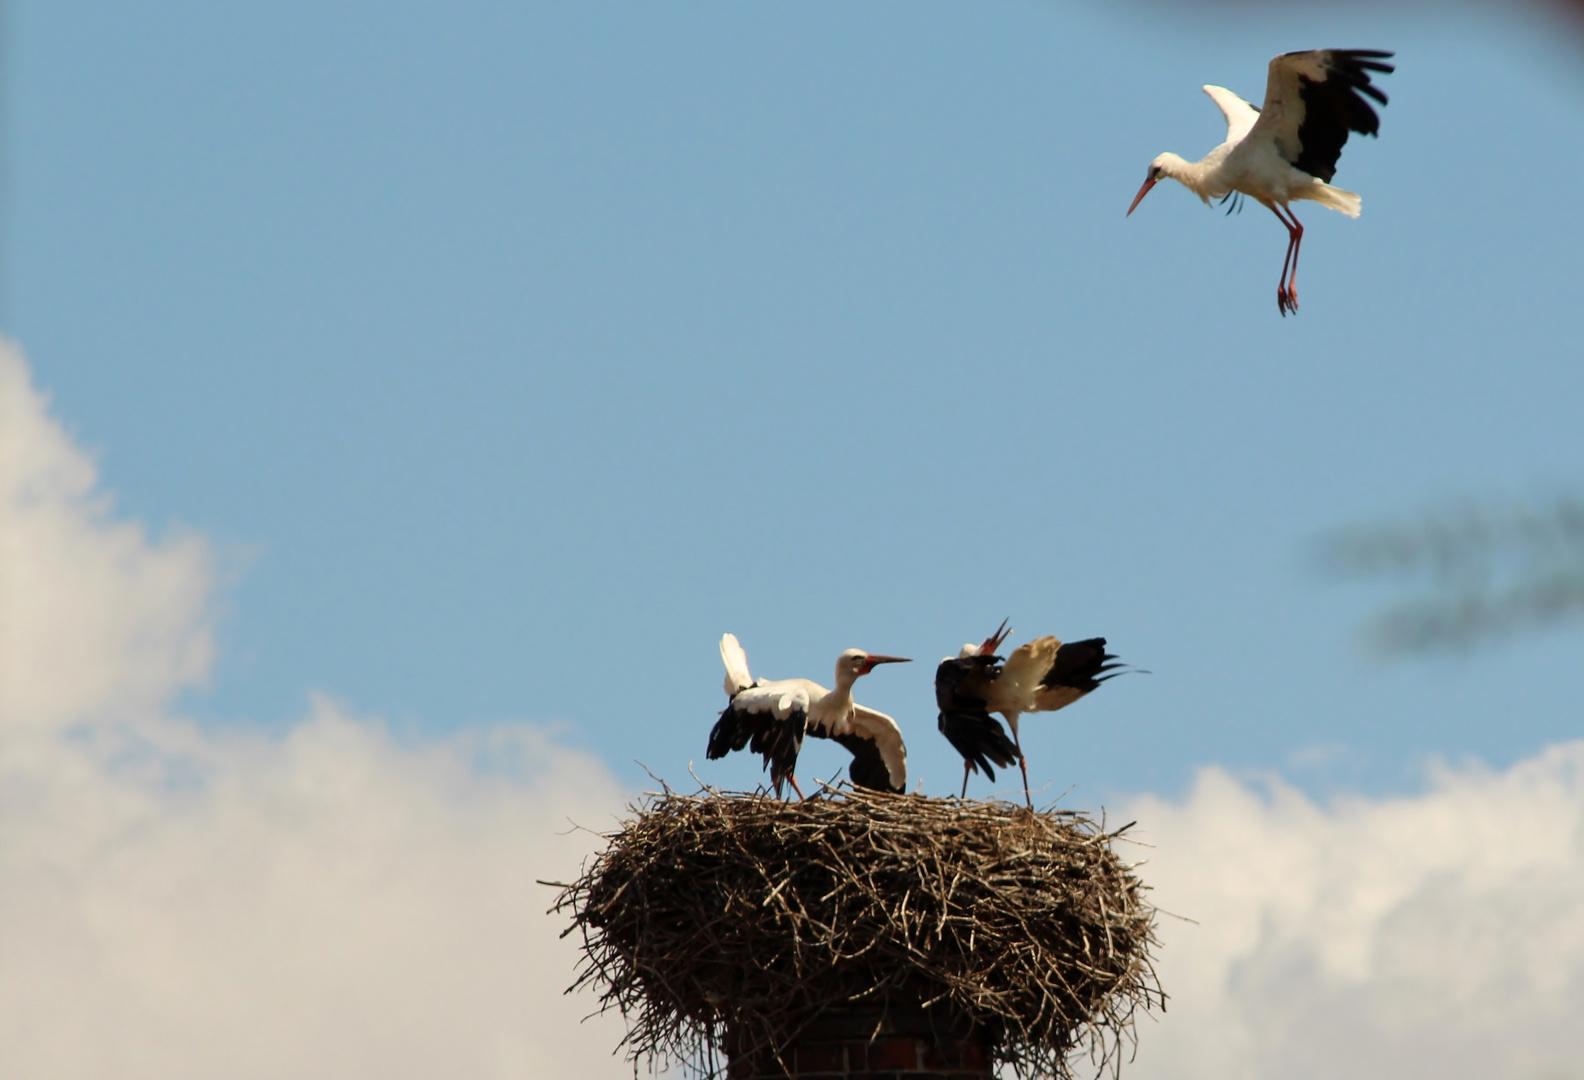 Nestbesetzung abgewehrt